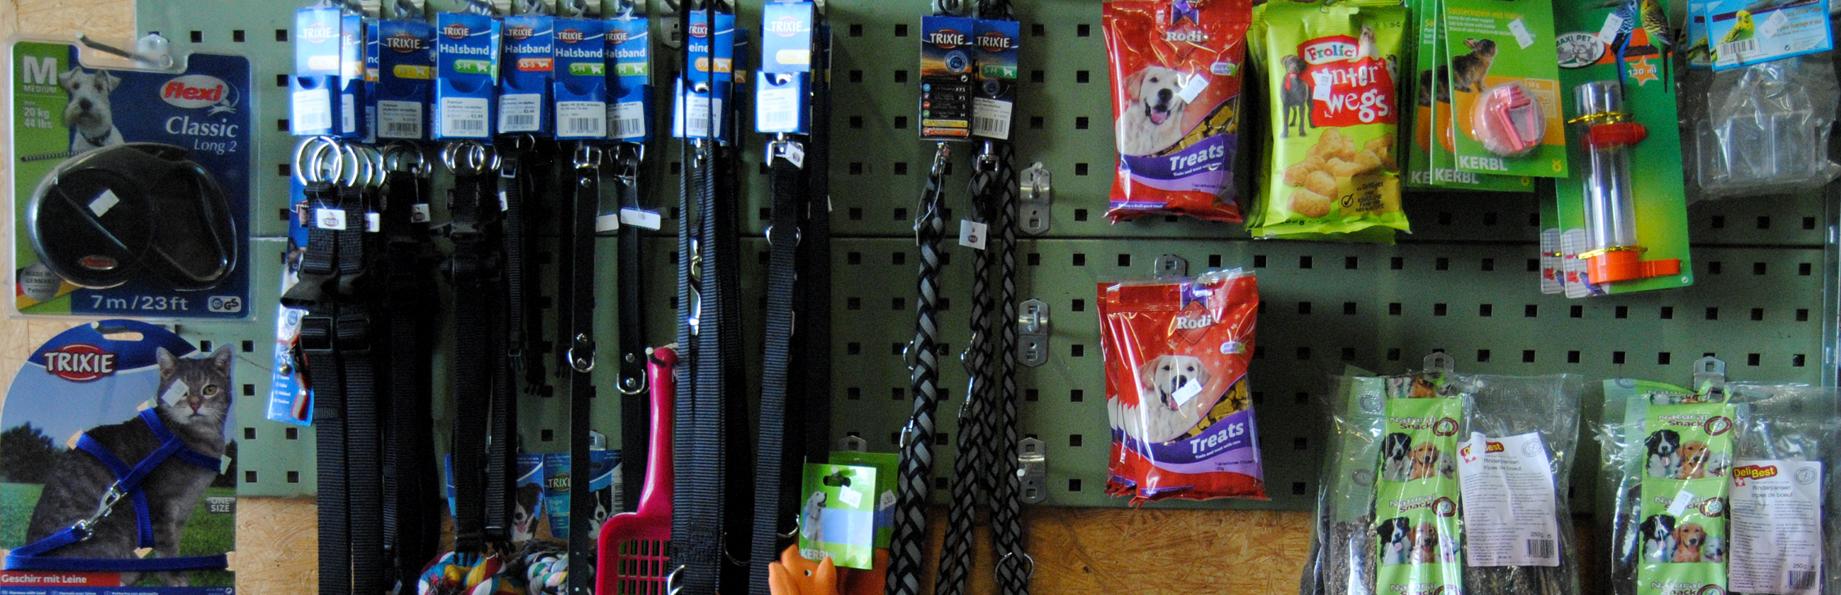 Heimtierbedarf, Hundefutter, Nagerfutter, Zubehör